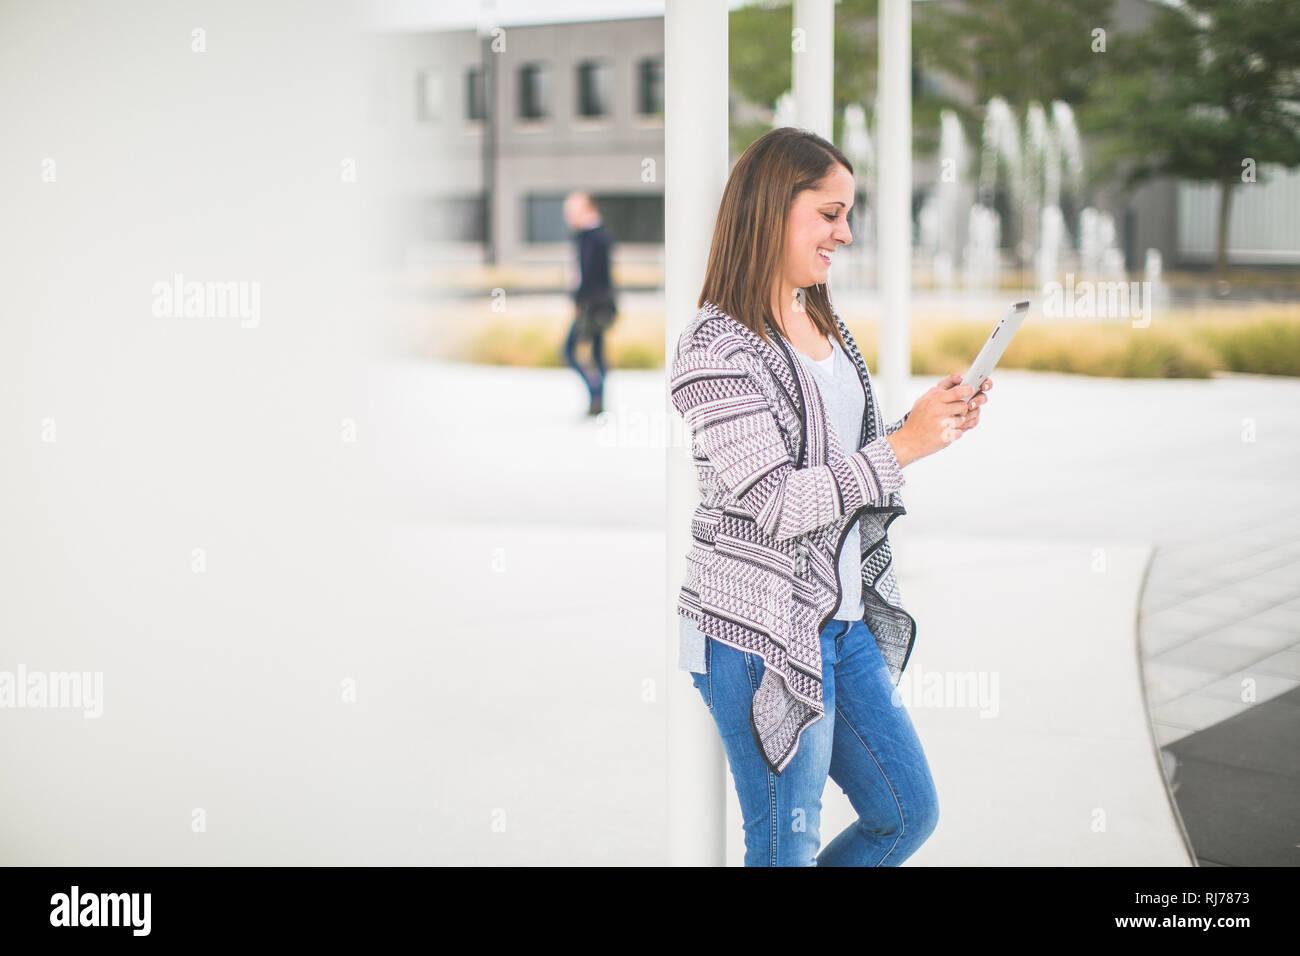 Junge Frau mit Tablet unterwegs Stock Photo